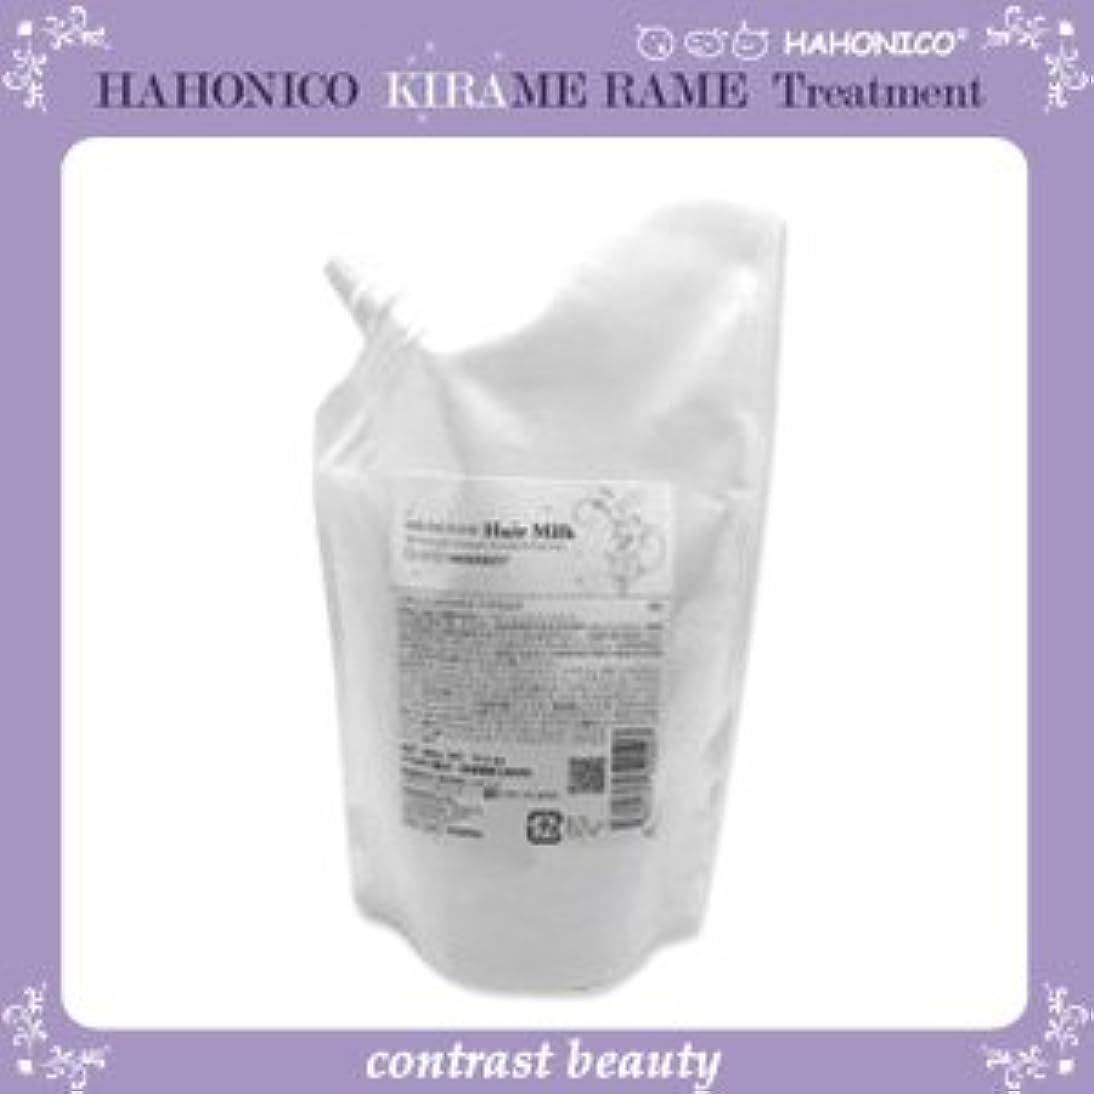 借りている顕現ベックス【X5個セット】 ハホニコ キラメラメ ヘアミルク 300g KIRAME RAME HAHONICO